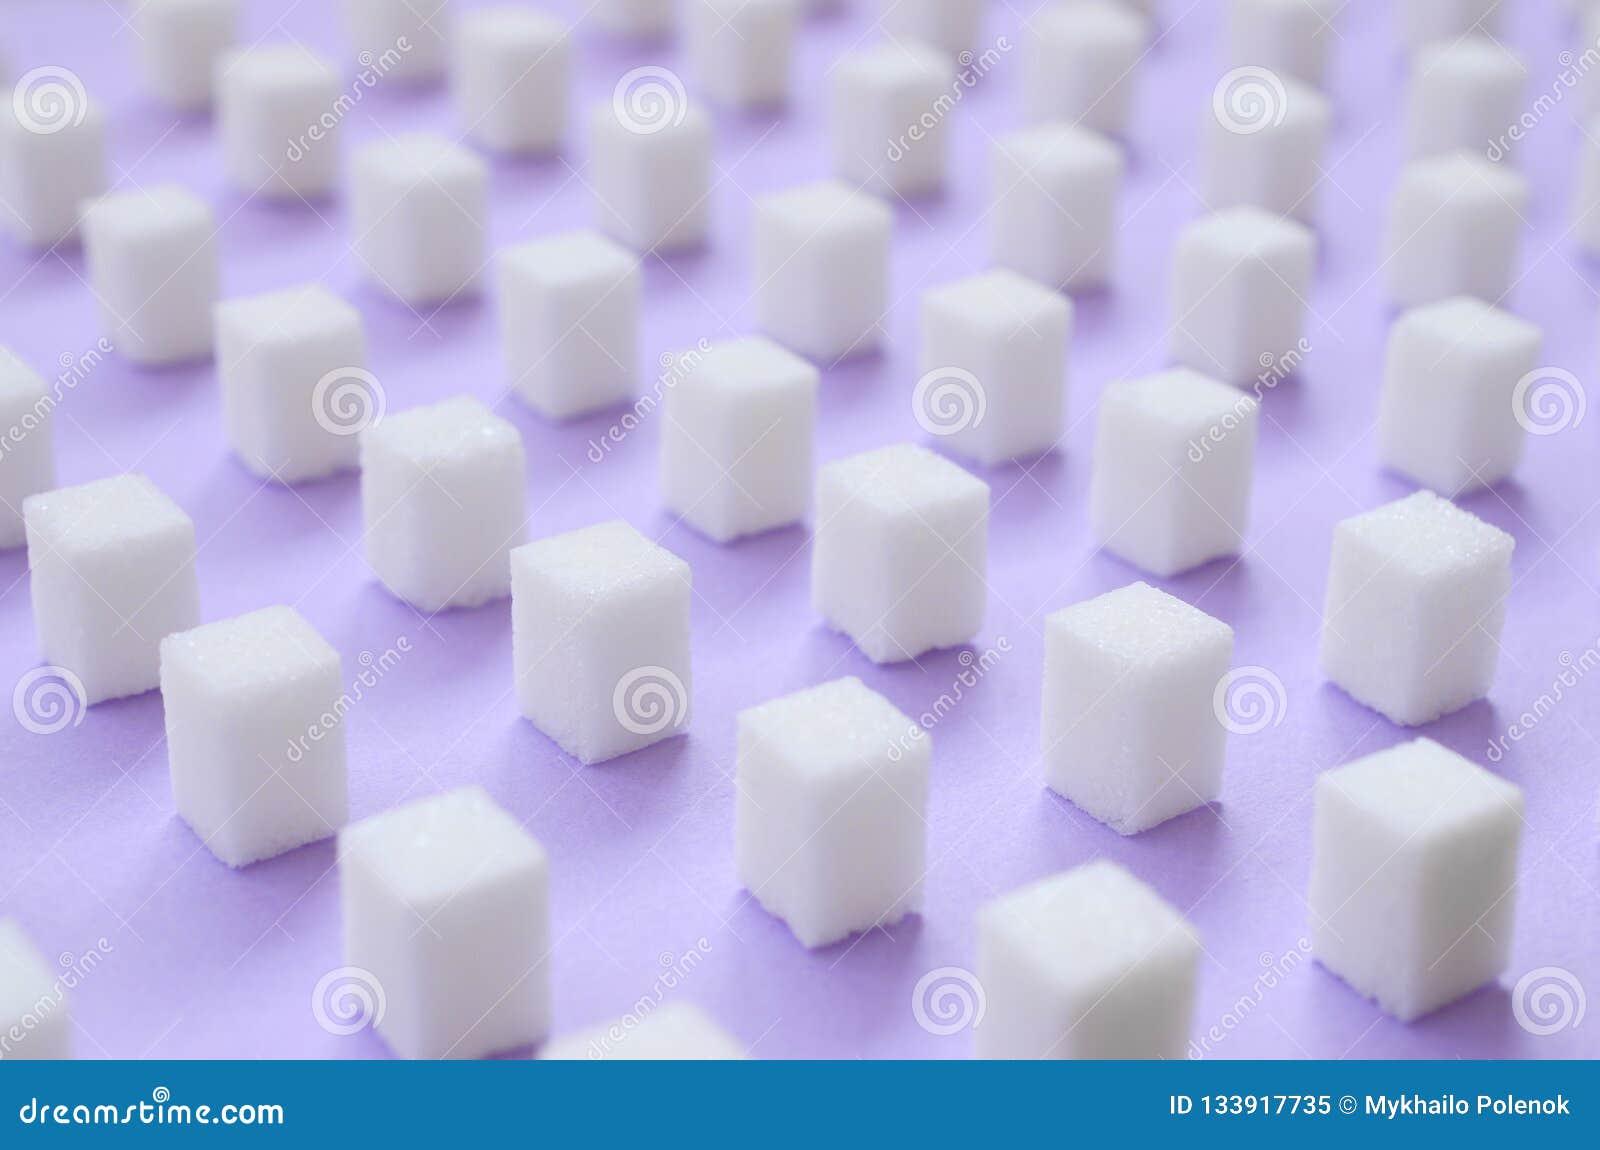 Muitos cubos pequenos do açúcar são alinhados em um fundo violeta